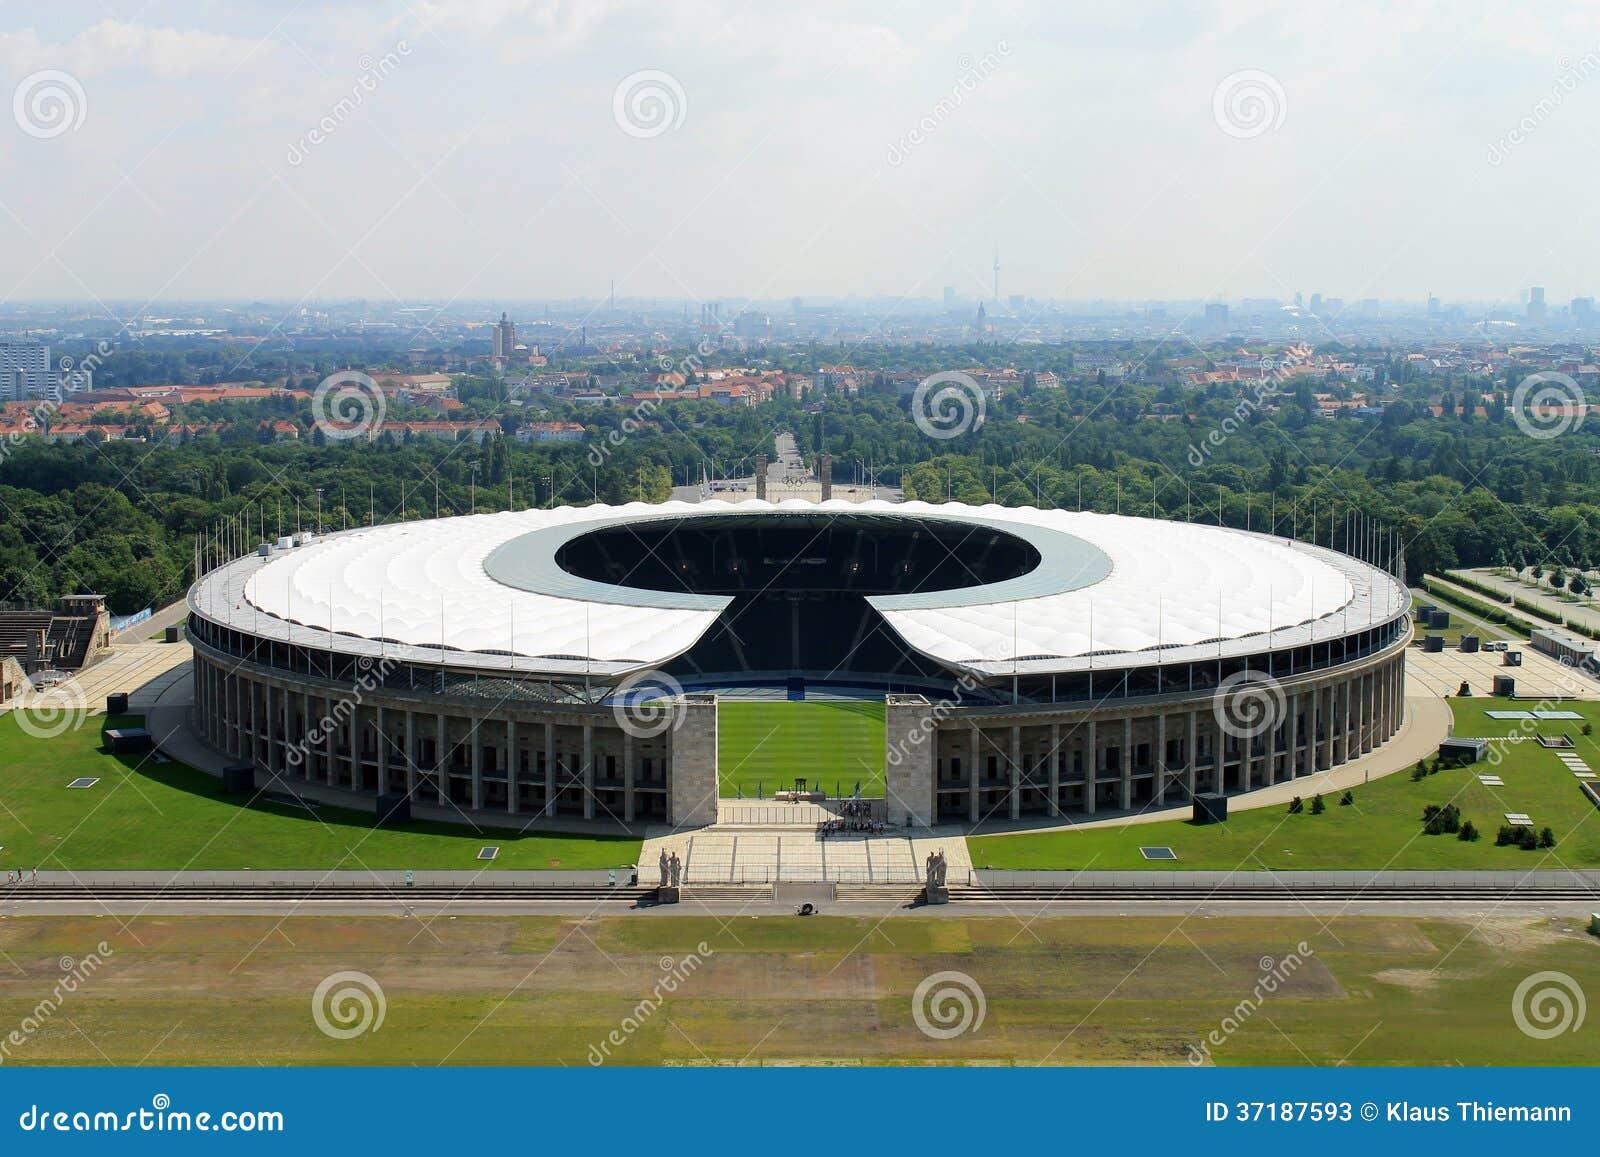 Das Olympiastadion von Berlin.